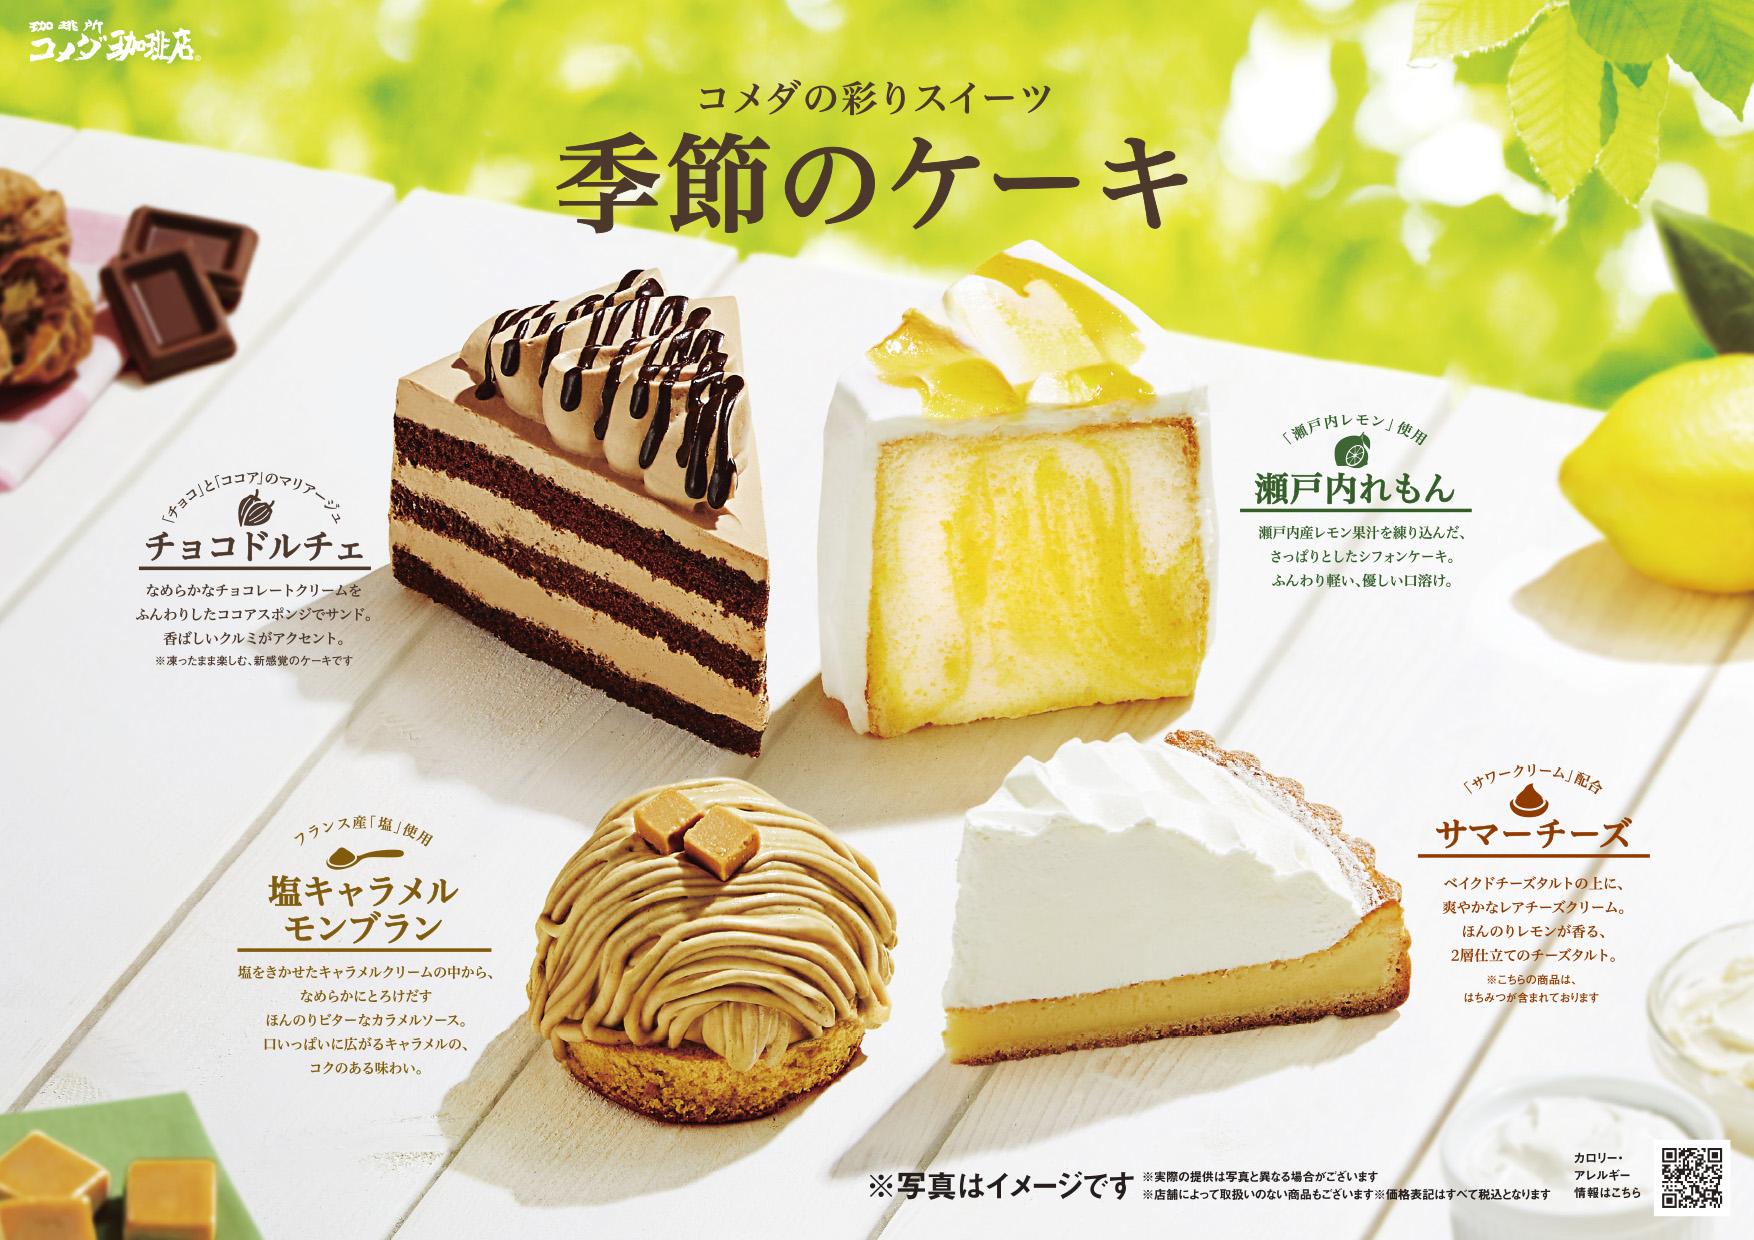 🌈テイクアウトOK🌈『コメダ珈琲店』で夏の新作ケーキが季節限定発売🌞🧡〜ふわっと滑らか口どけの 「サマーチーズ」など4種が登場〜